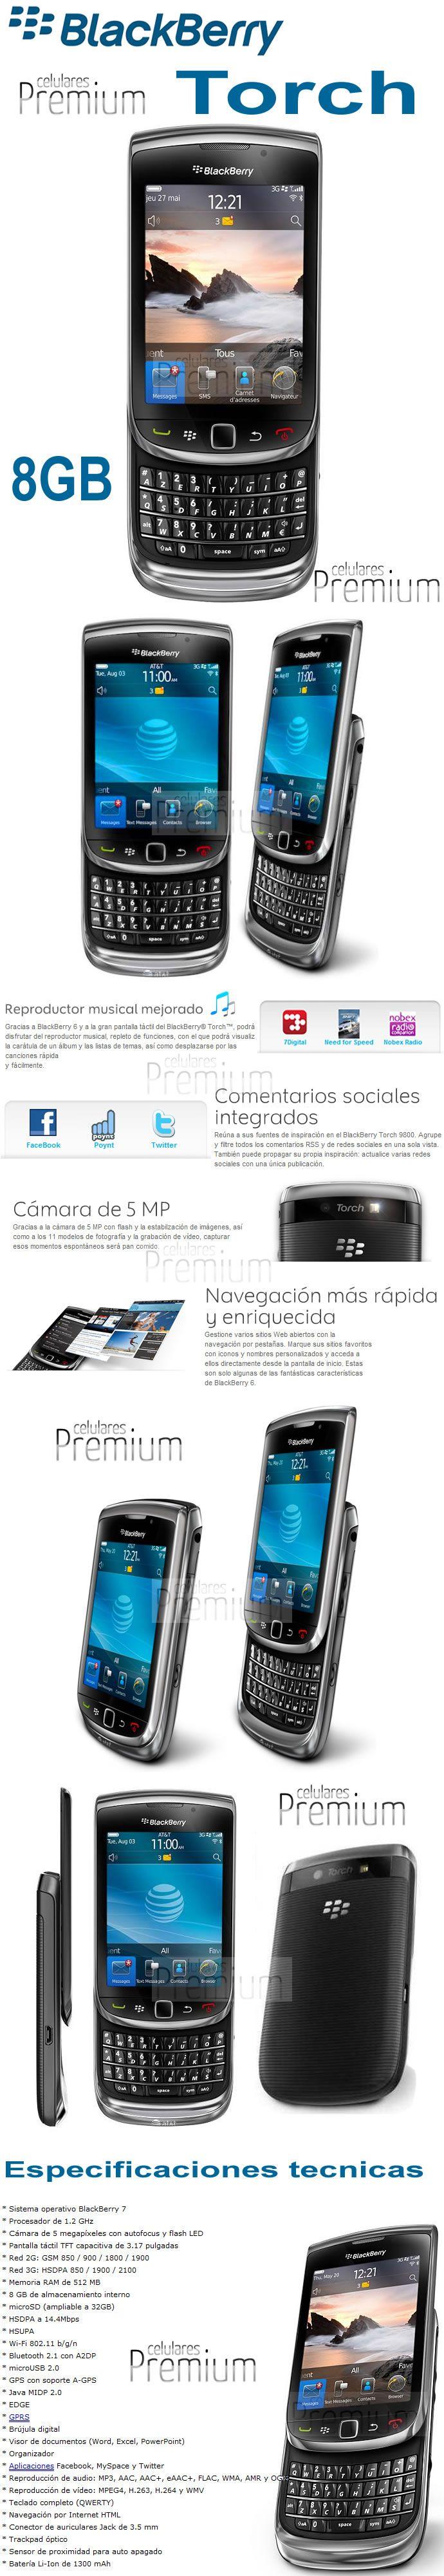 Nuevo blackberry torch 9800 comprar en argentina